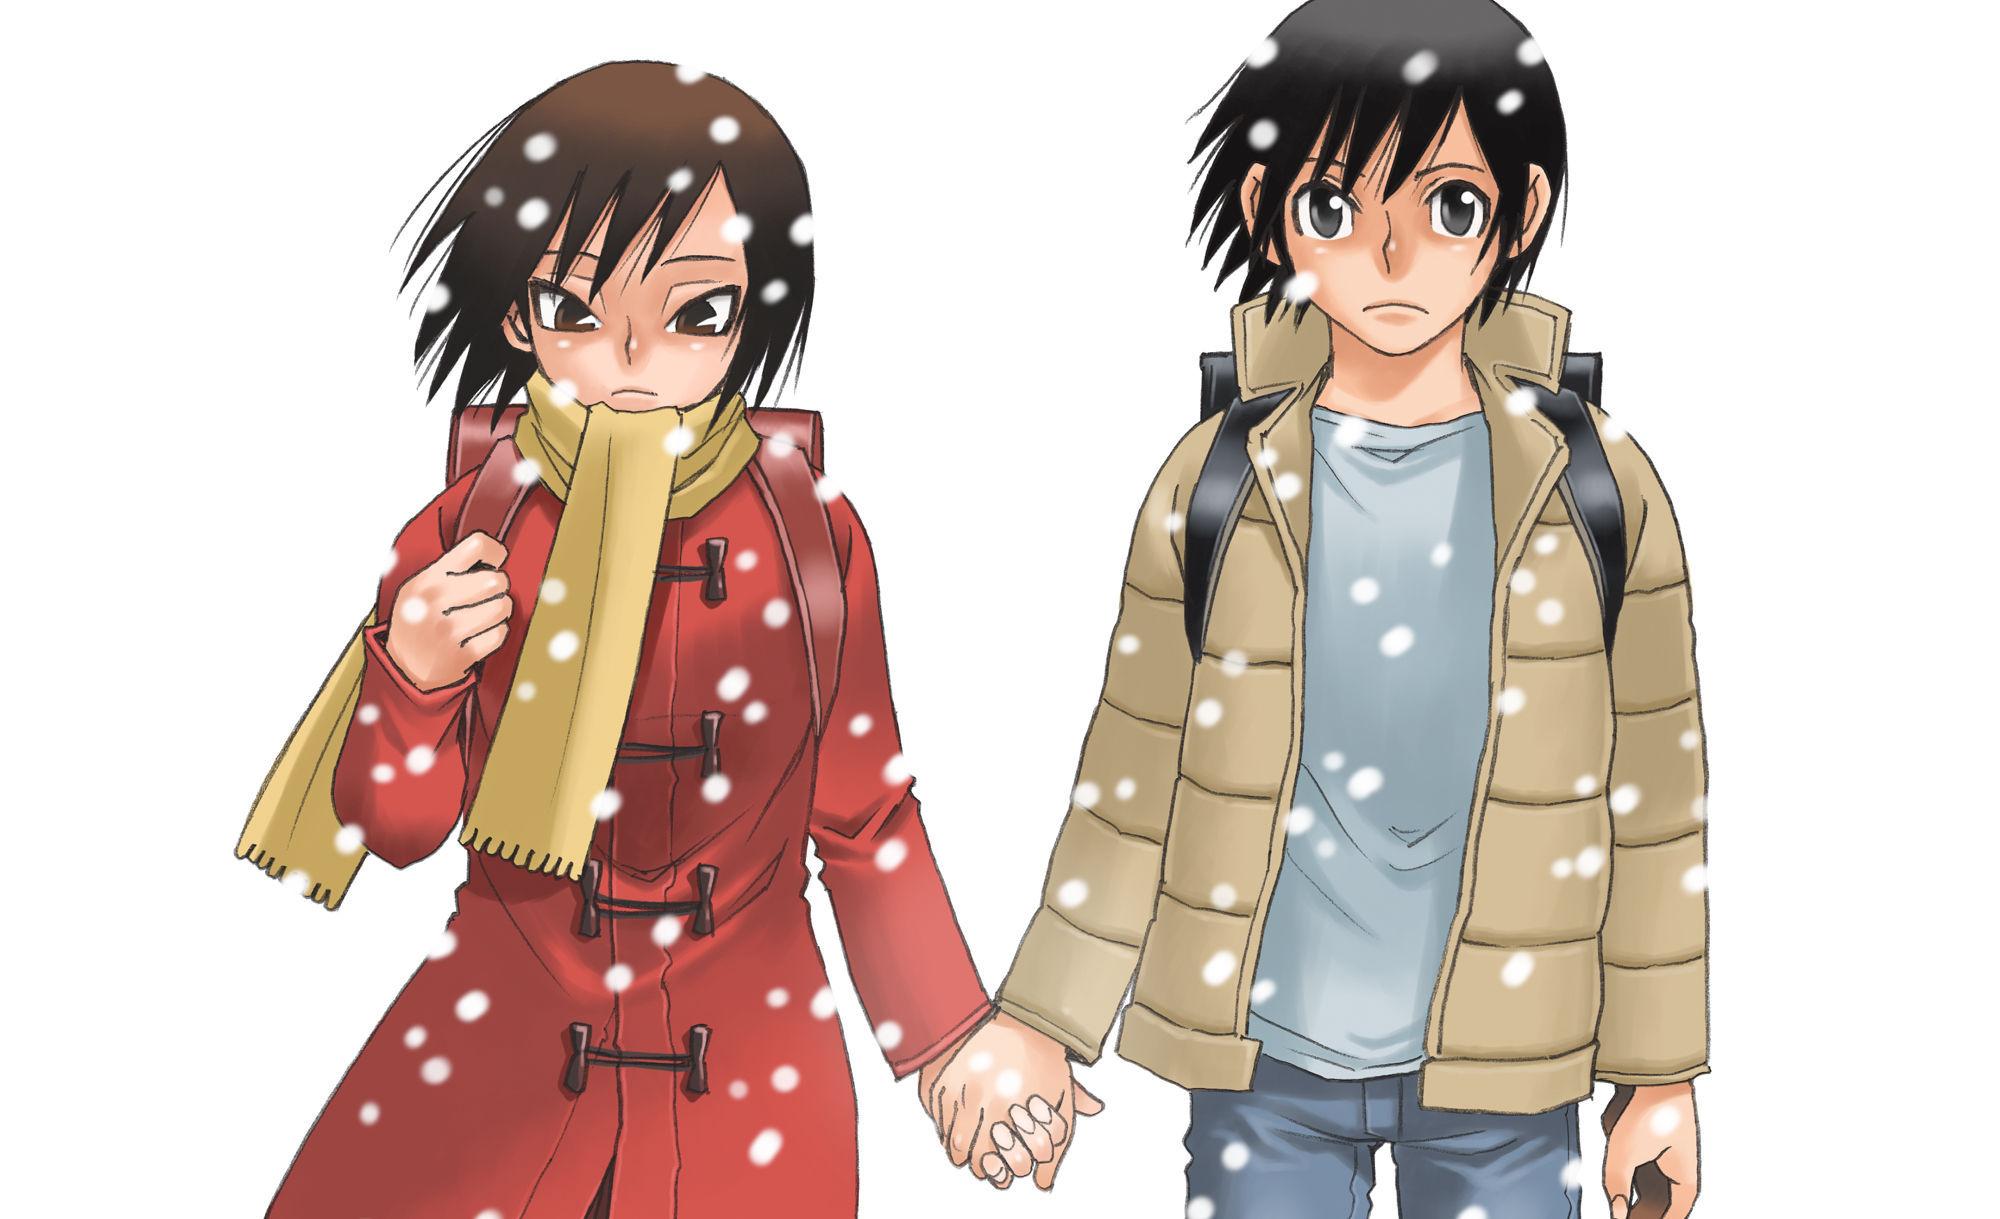 10647 - ¿Conoces a los personajes de Boku Dake ga Inai Machi?